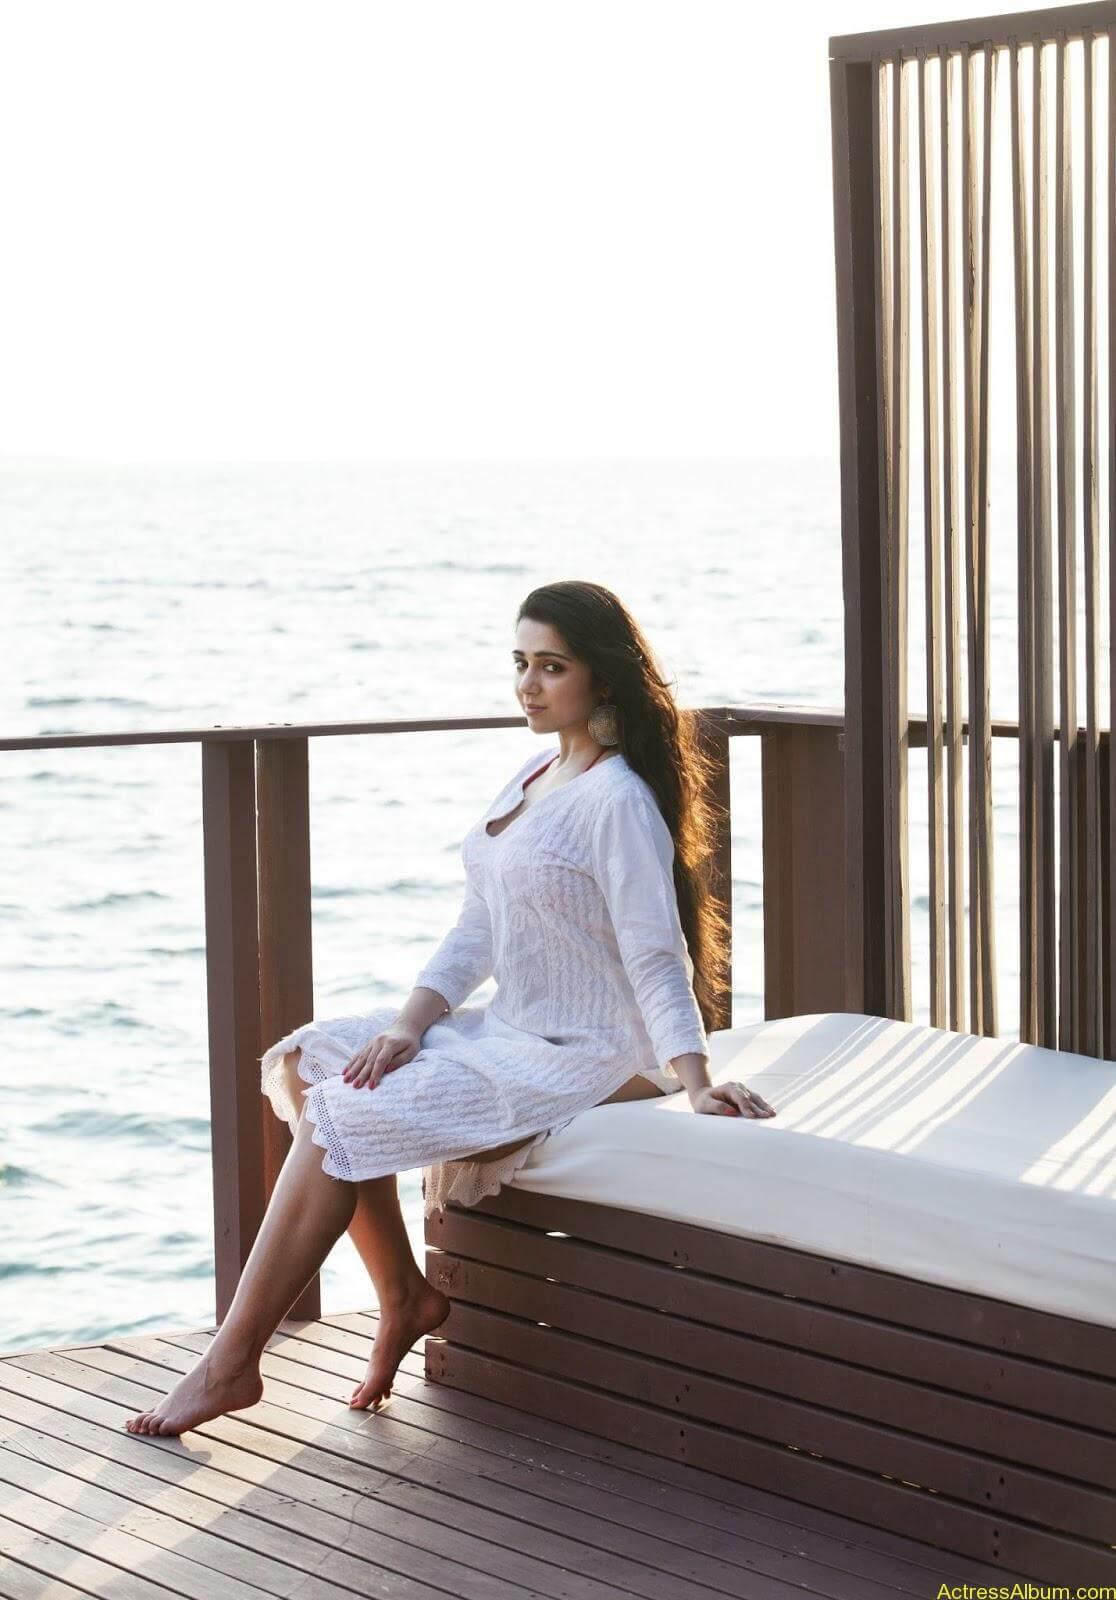 Charmi-kaur-latest-photoshoot-in-beach-4